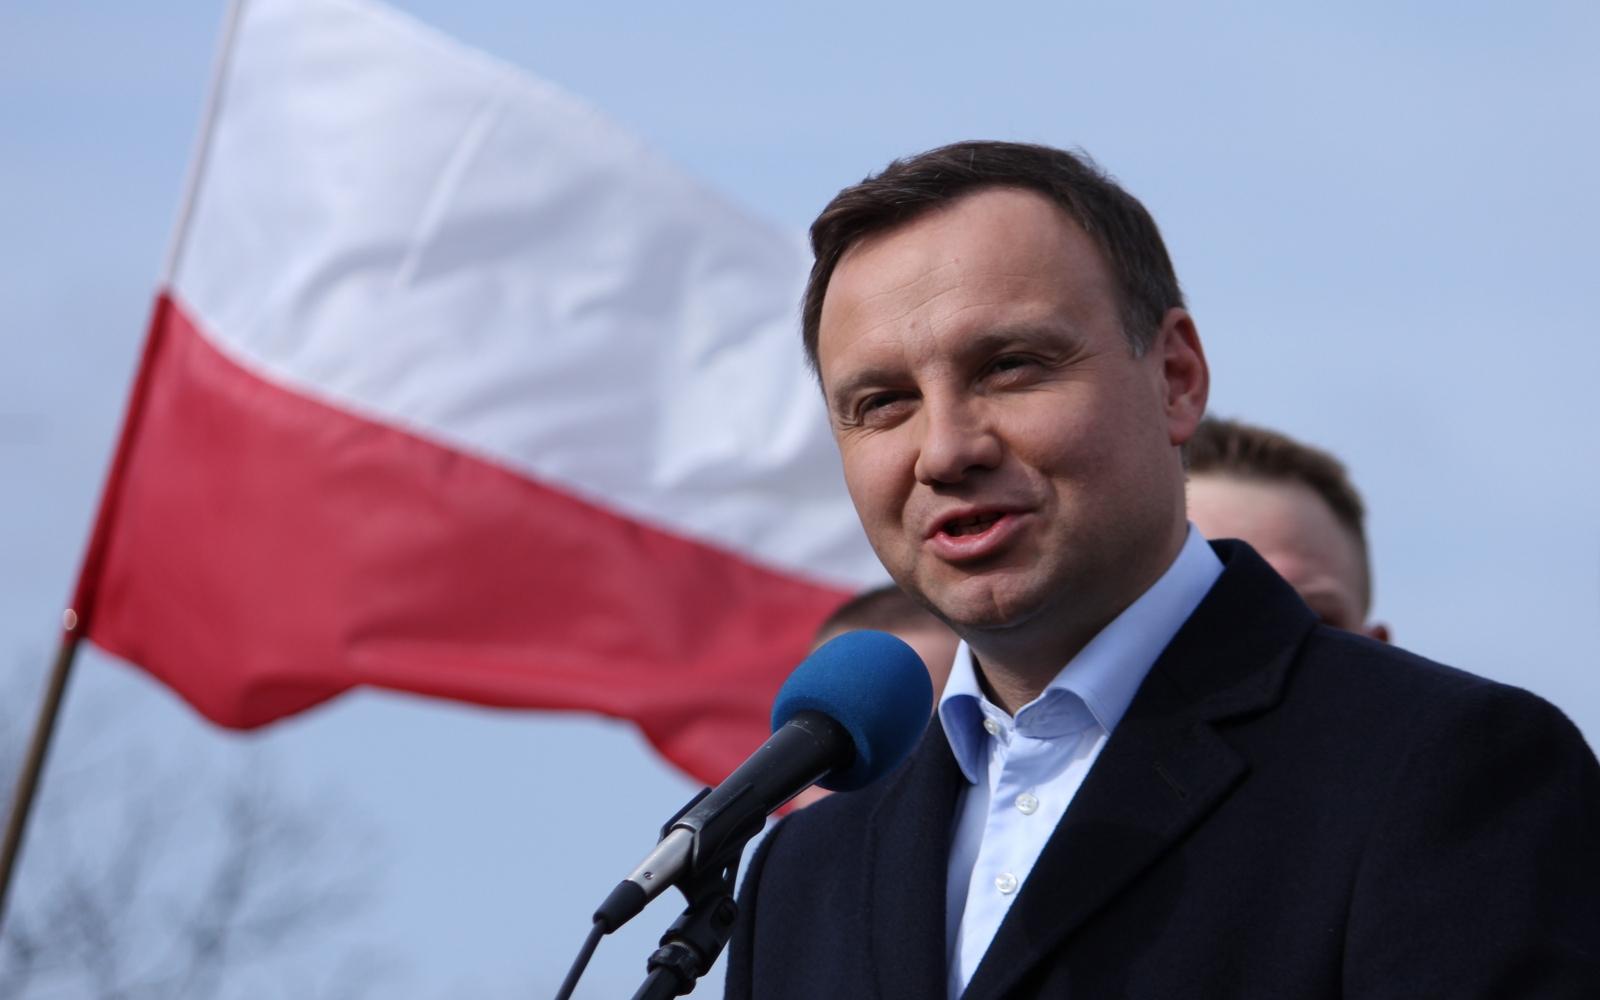 WOLNY CZYN: Prezydent Andrzej Duda odpowiada w sprawie ław przysięgłych